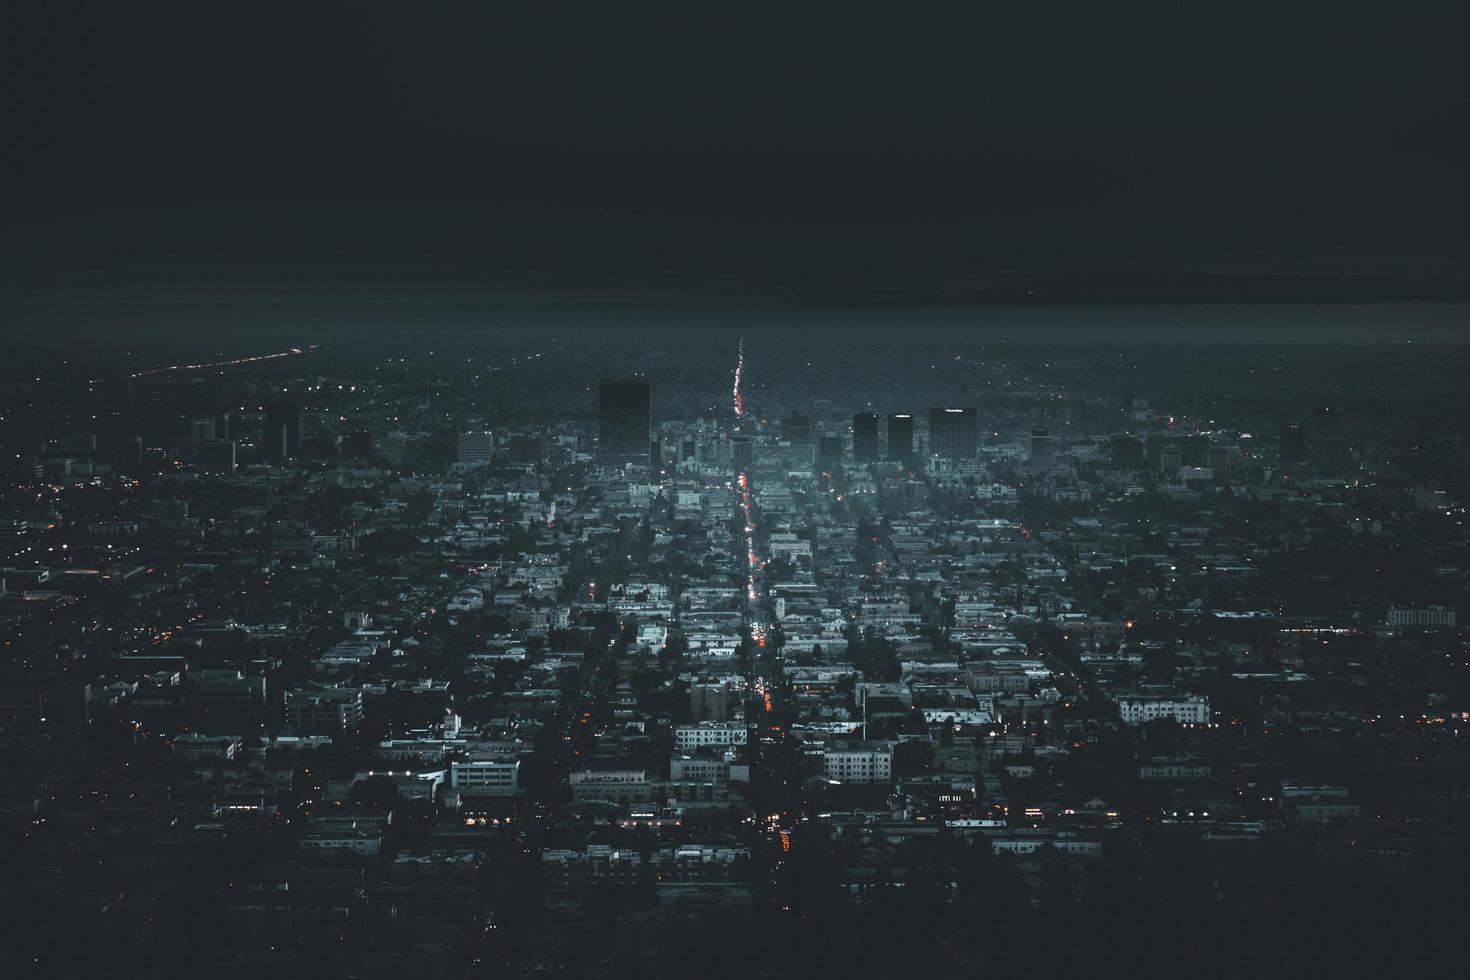 vue de la ville la nuit photo